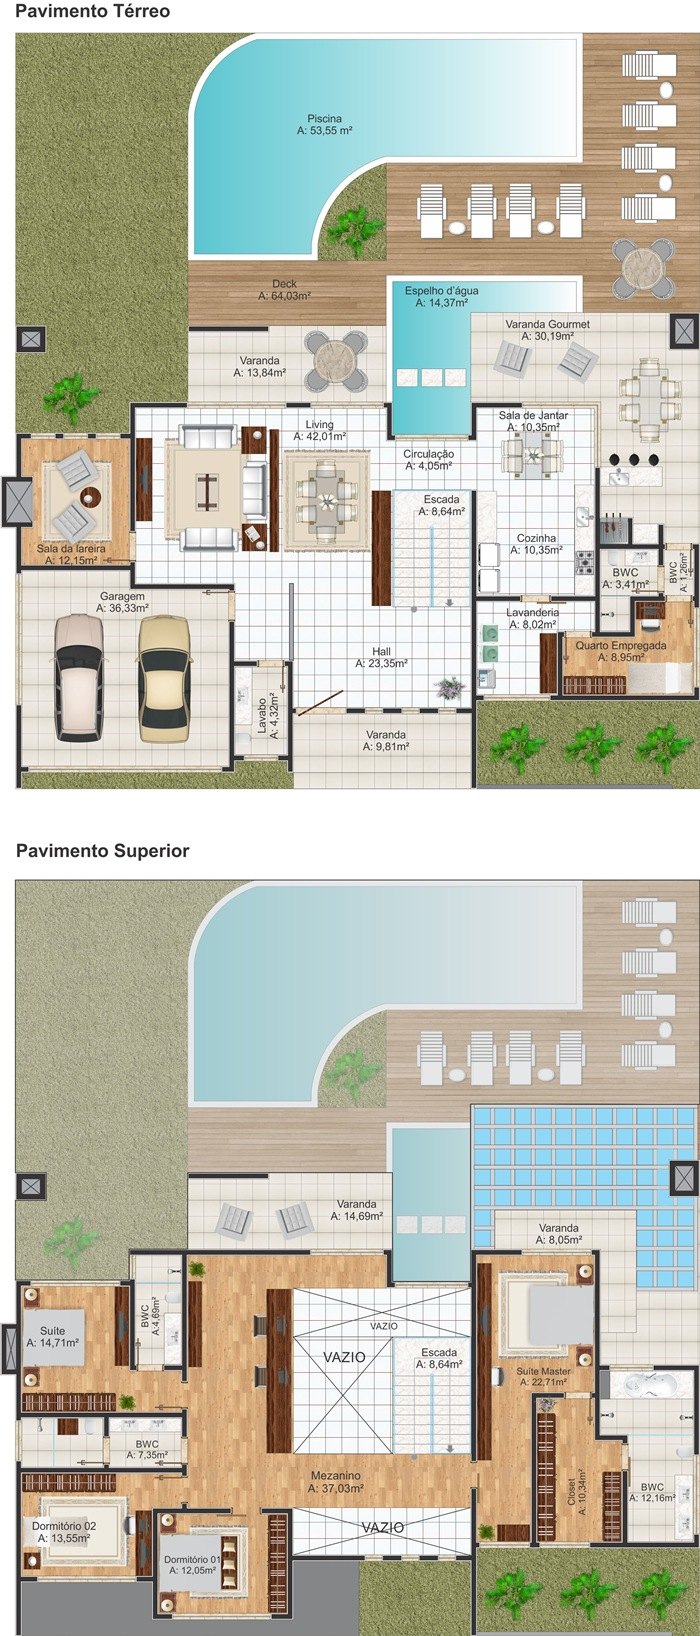 Sobrado Olinda Casa Moderna Com 4 Quartos Sendo 2 Suites